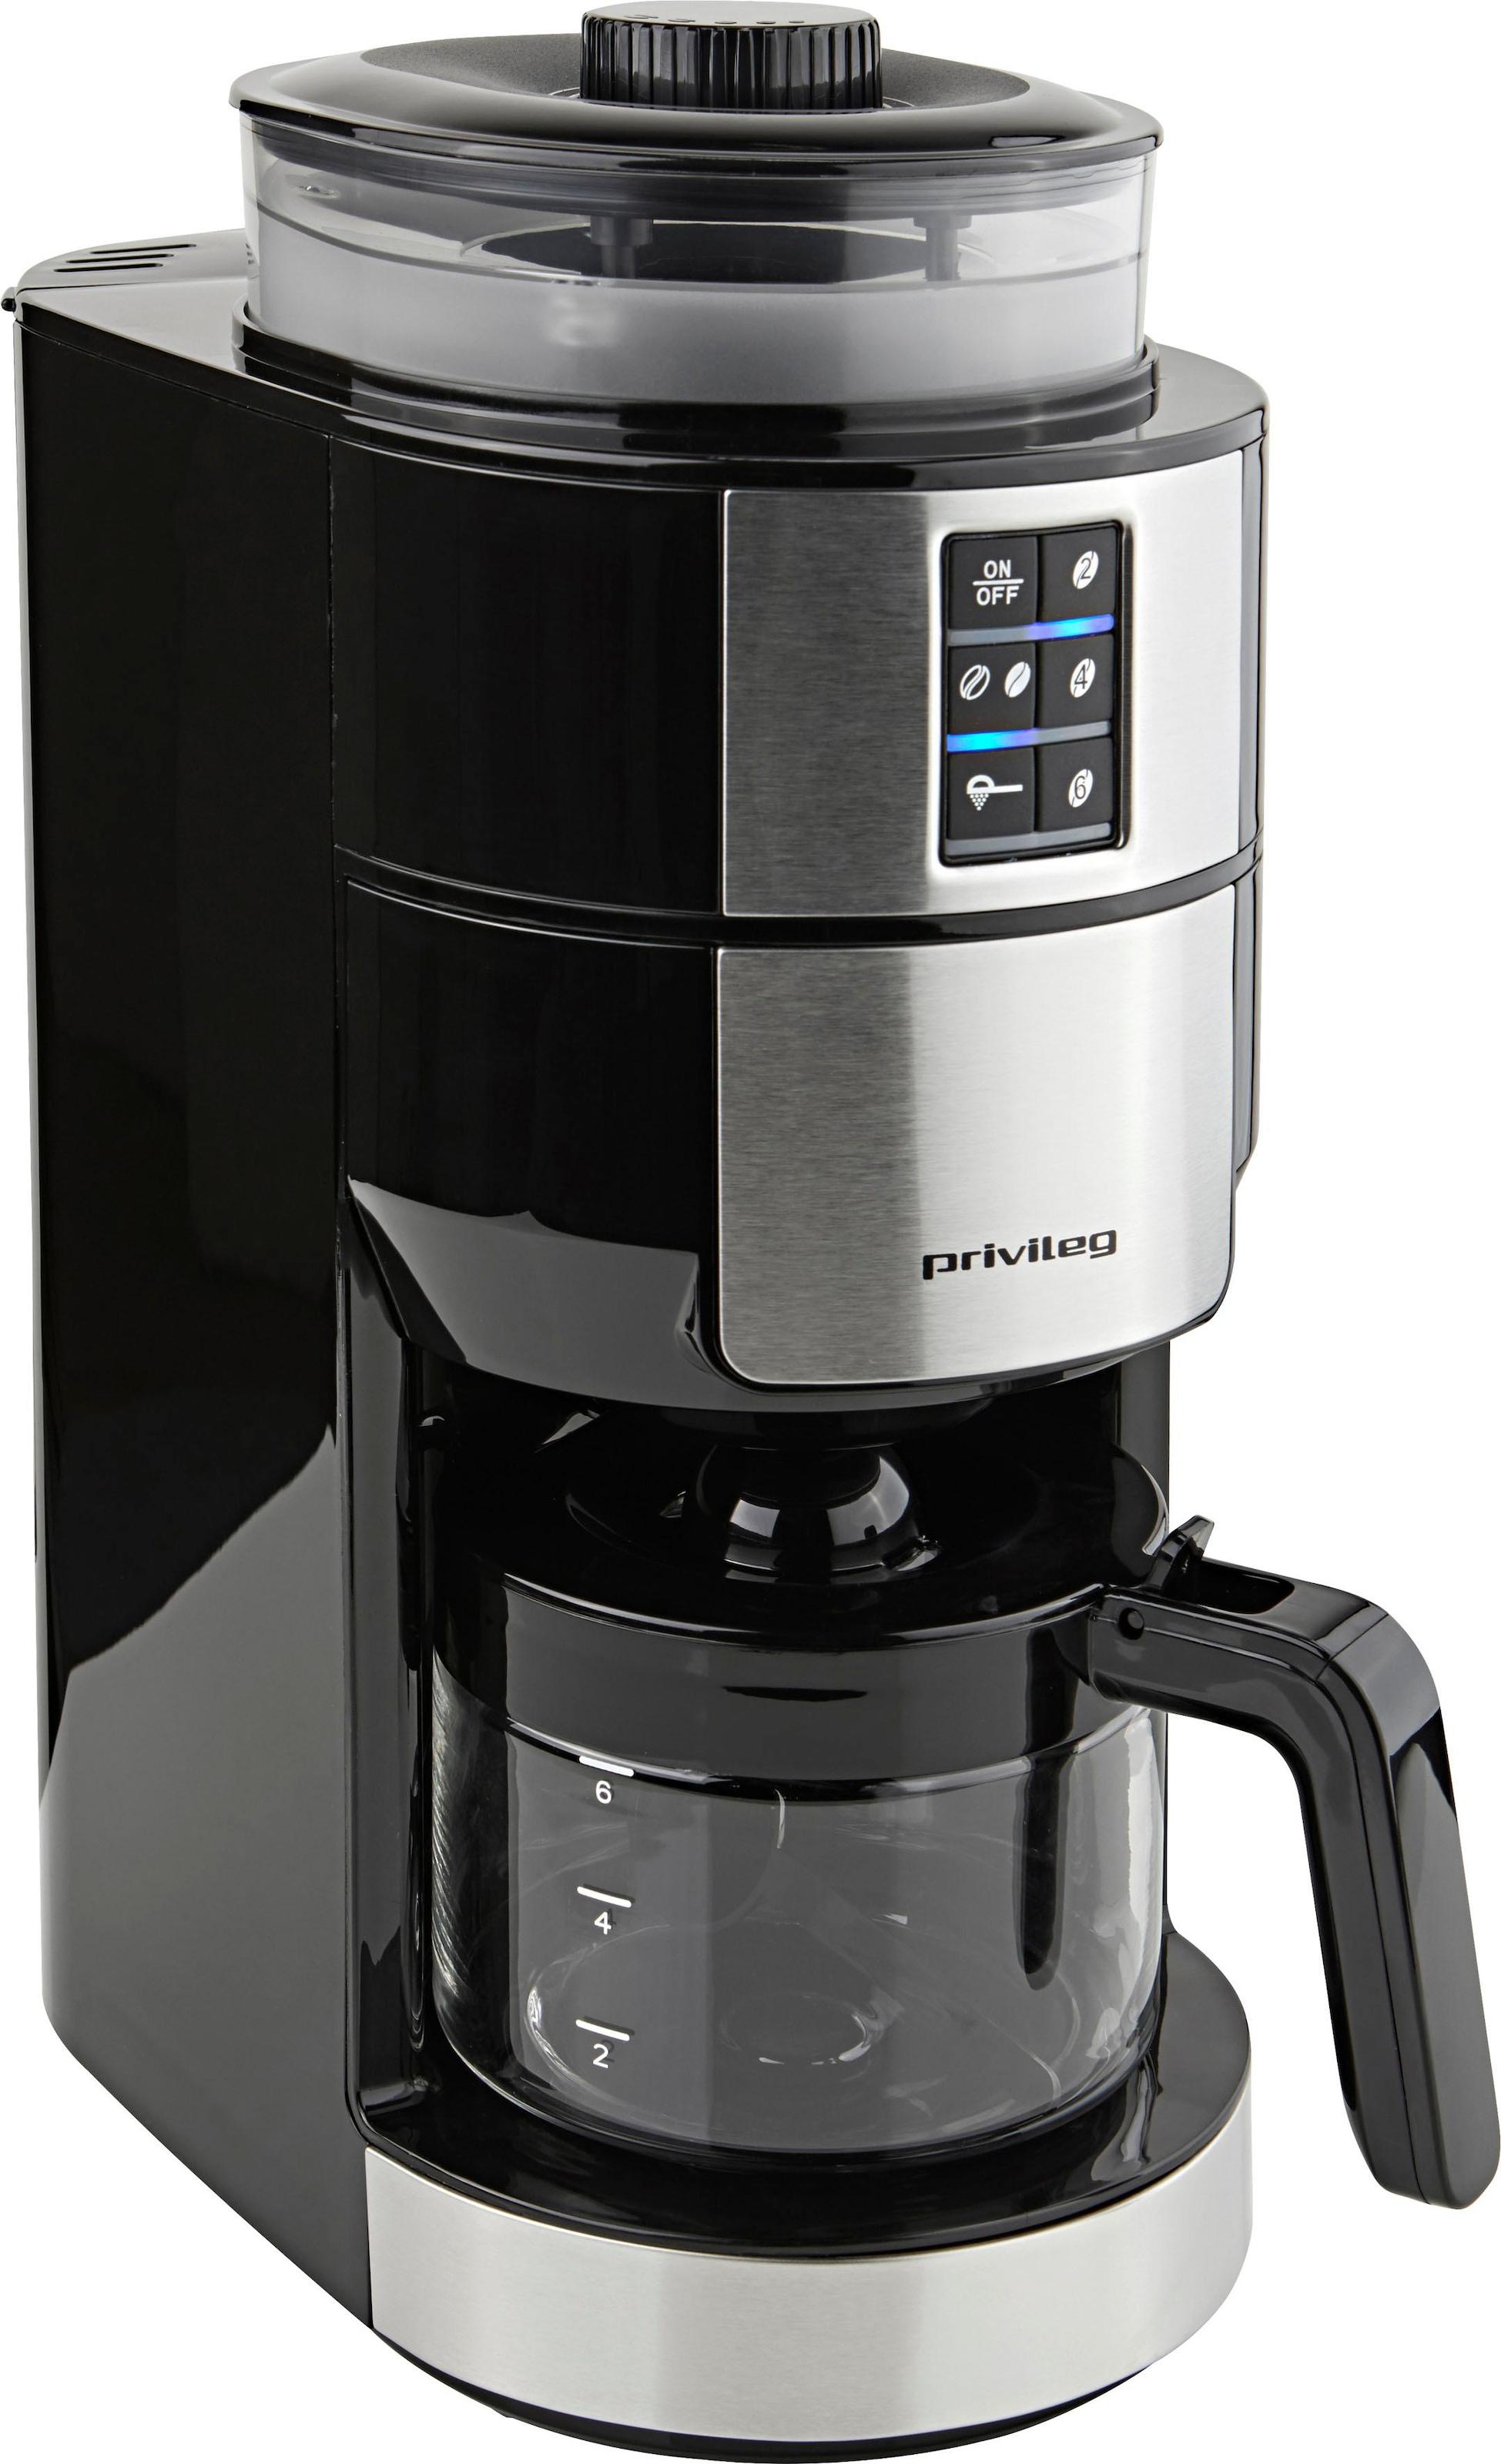 Kaffeemaschine 6 BestellenBaur Privileg Tassen Mahlwerk Für Mit Online tsQrdxBhC